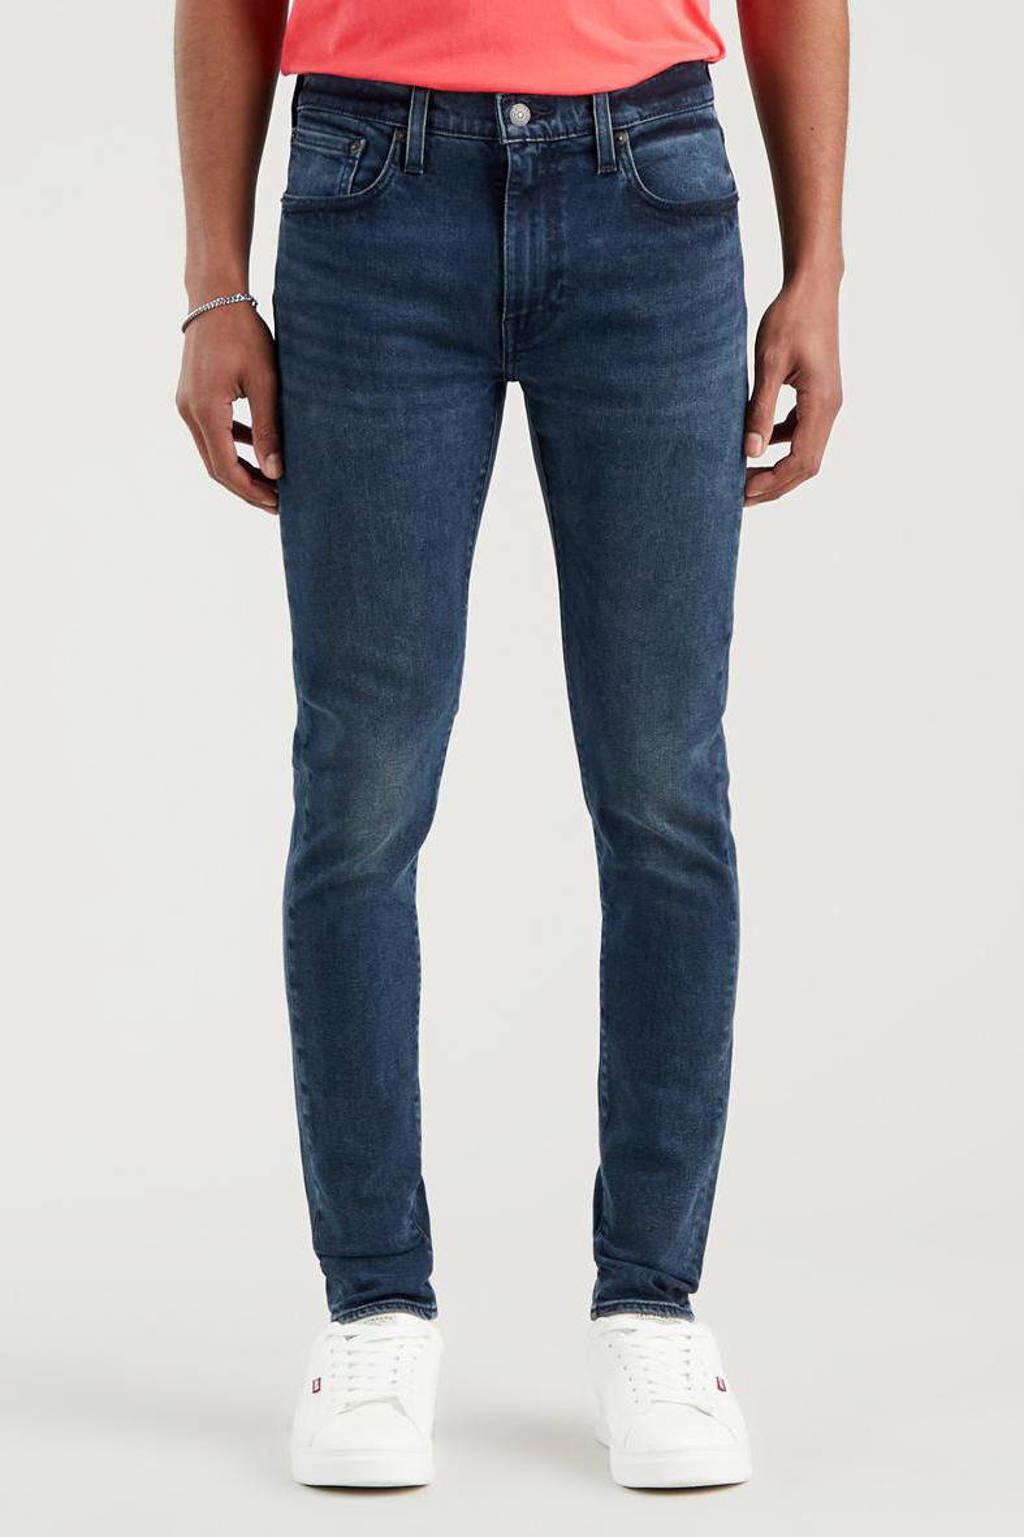 Levi's 519 skinny taper jeans ocean pewter, Ocean Pewter